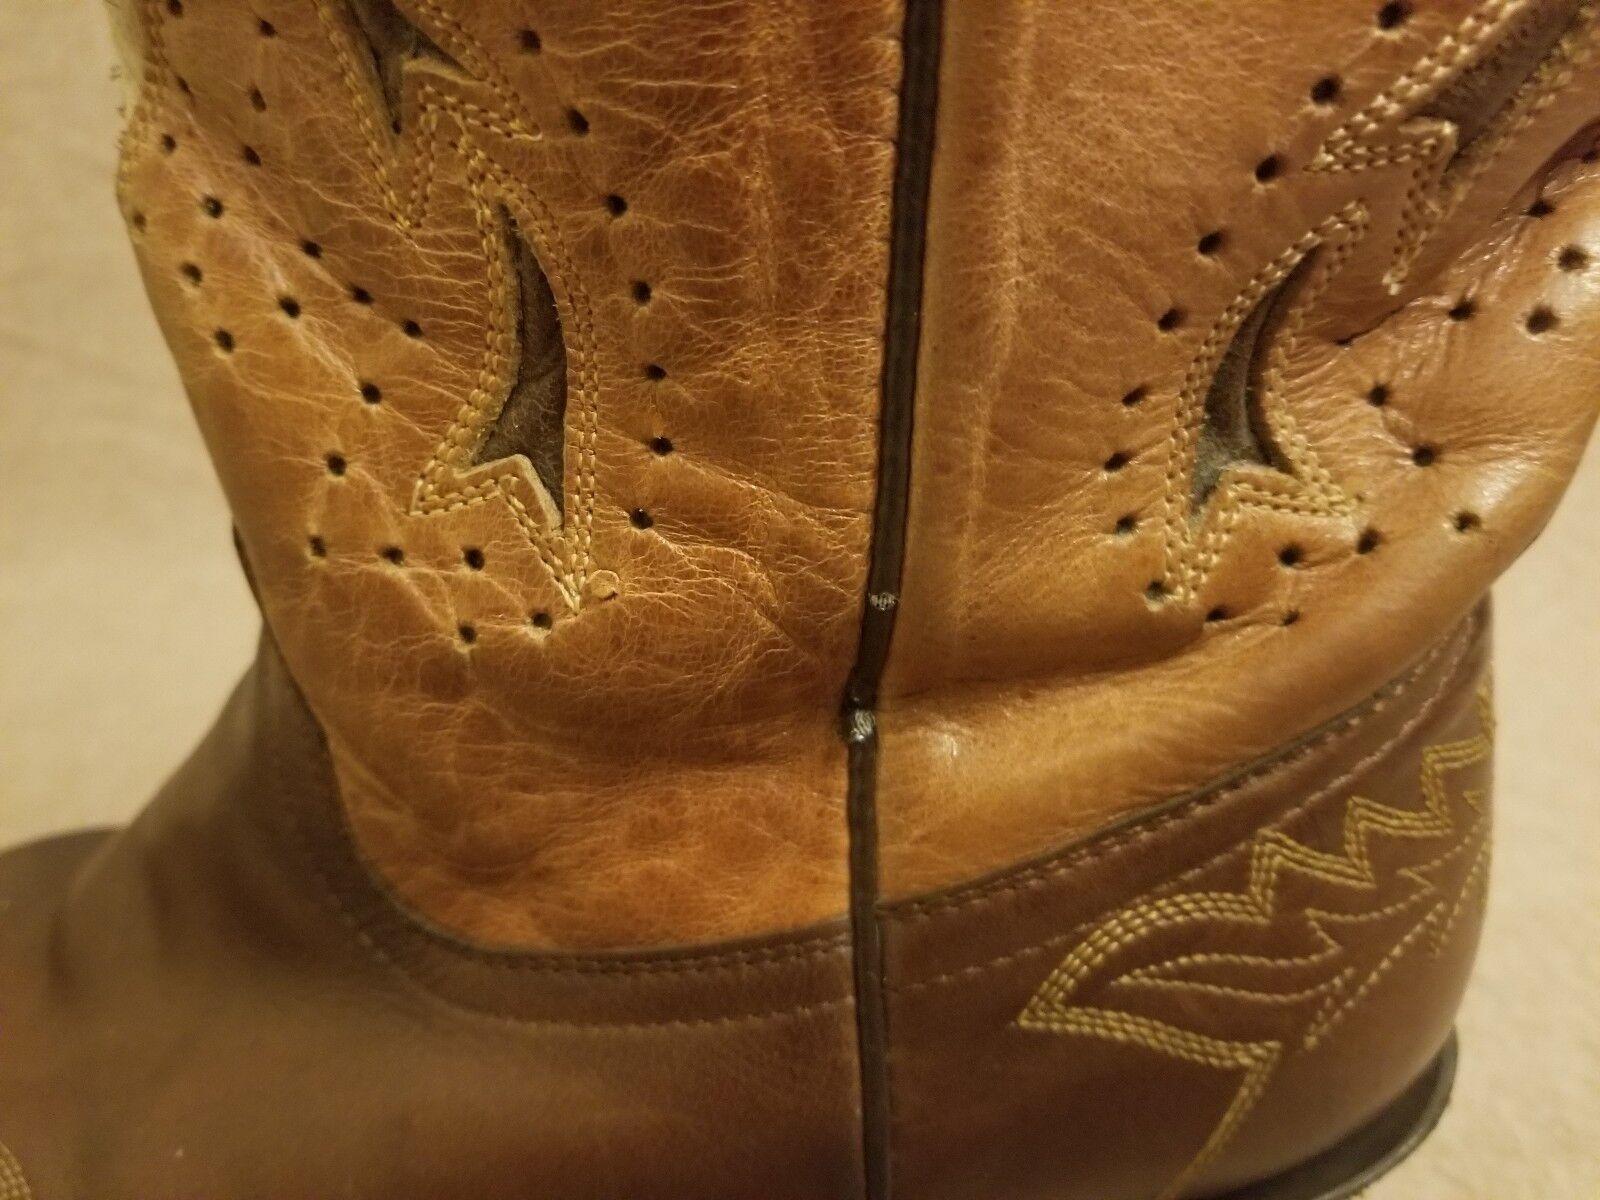 Corral Mujeres Cruz de socorro occidental de Cuero Marrón Marrón Marrón Tire de dedo del pie botas Tamaño 10 M SNIP 586f00